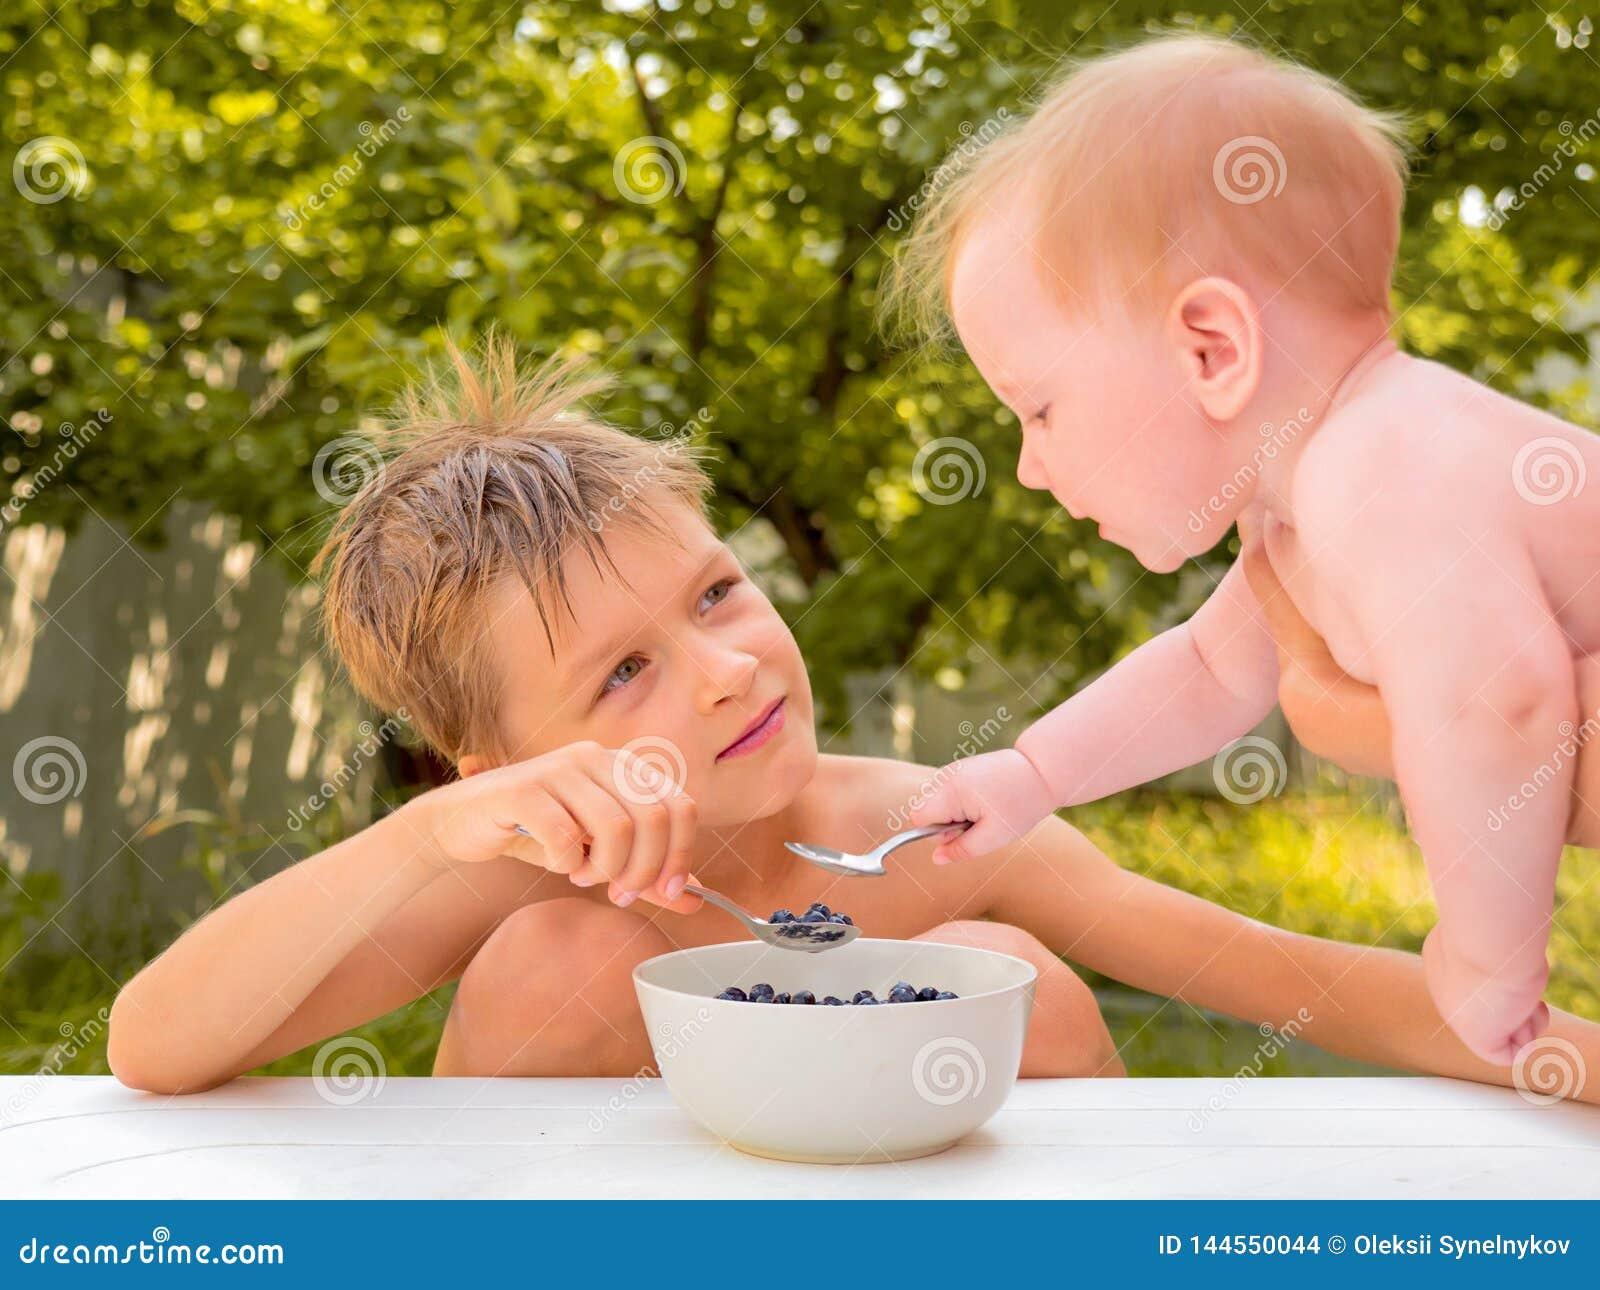 Sibings die verse sappige bessen eten Gelukkig kinderjarenconcept Gezond voedsel Gezondheidszorg van kinderen Peuter het eten